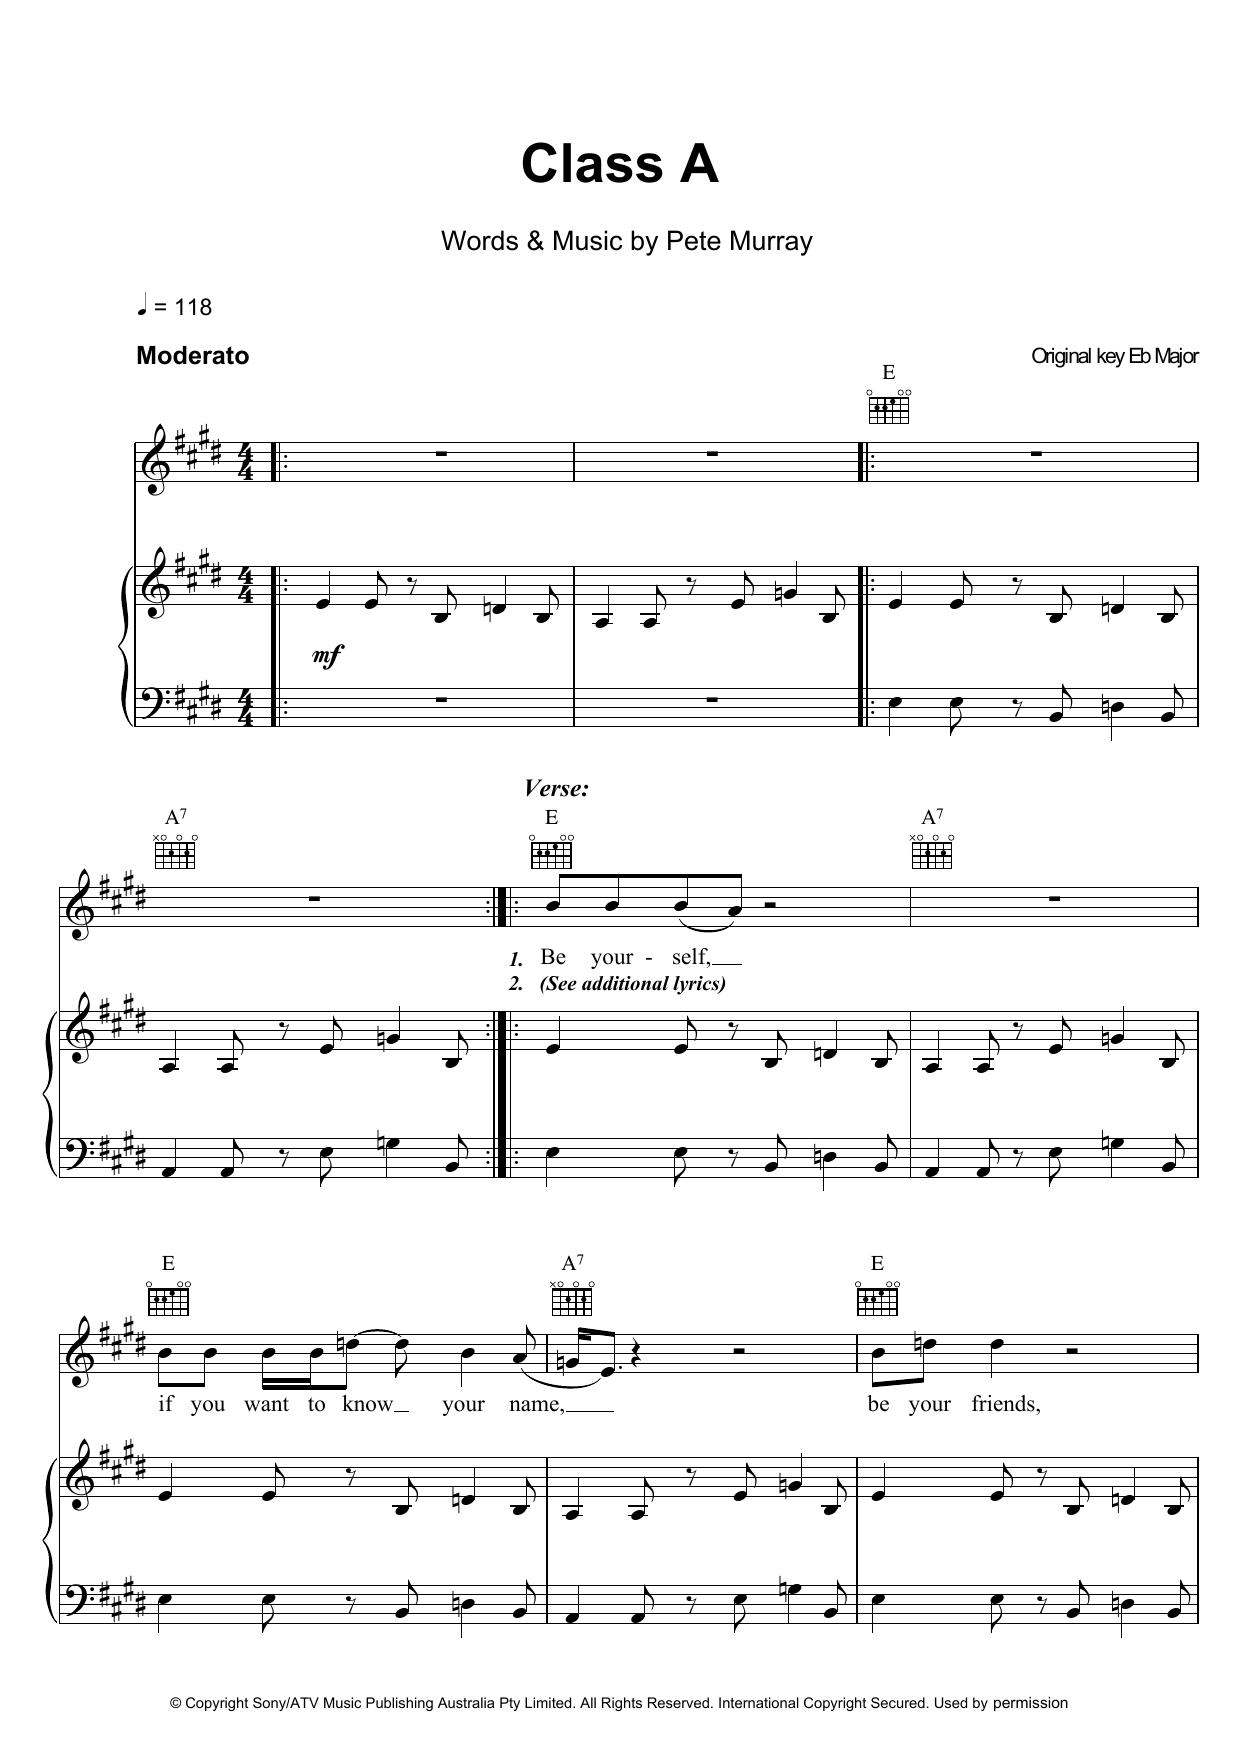 Class A Sheet Music